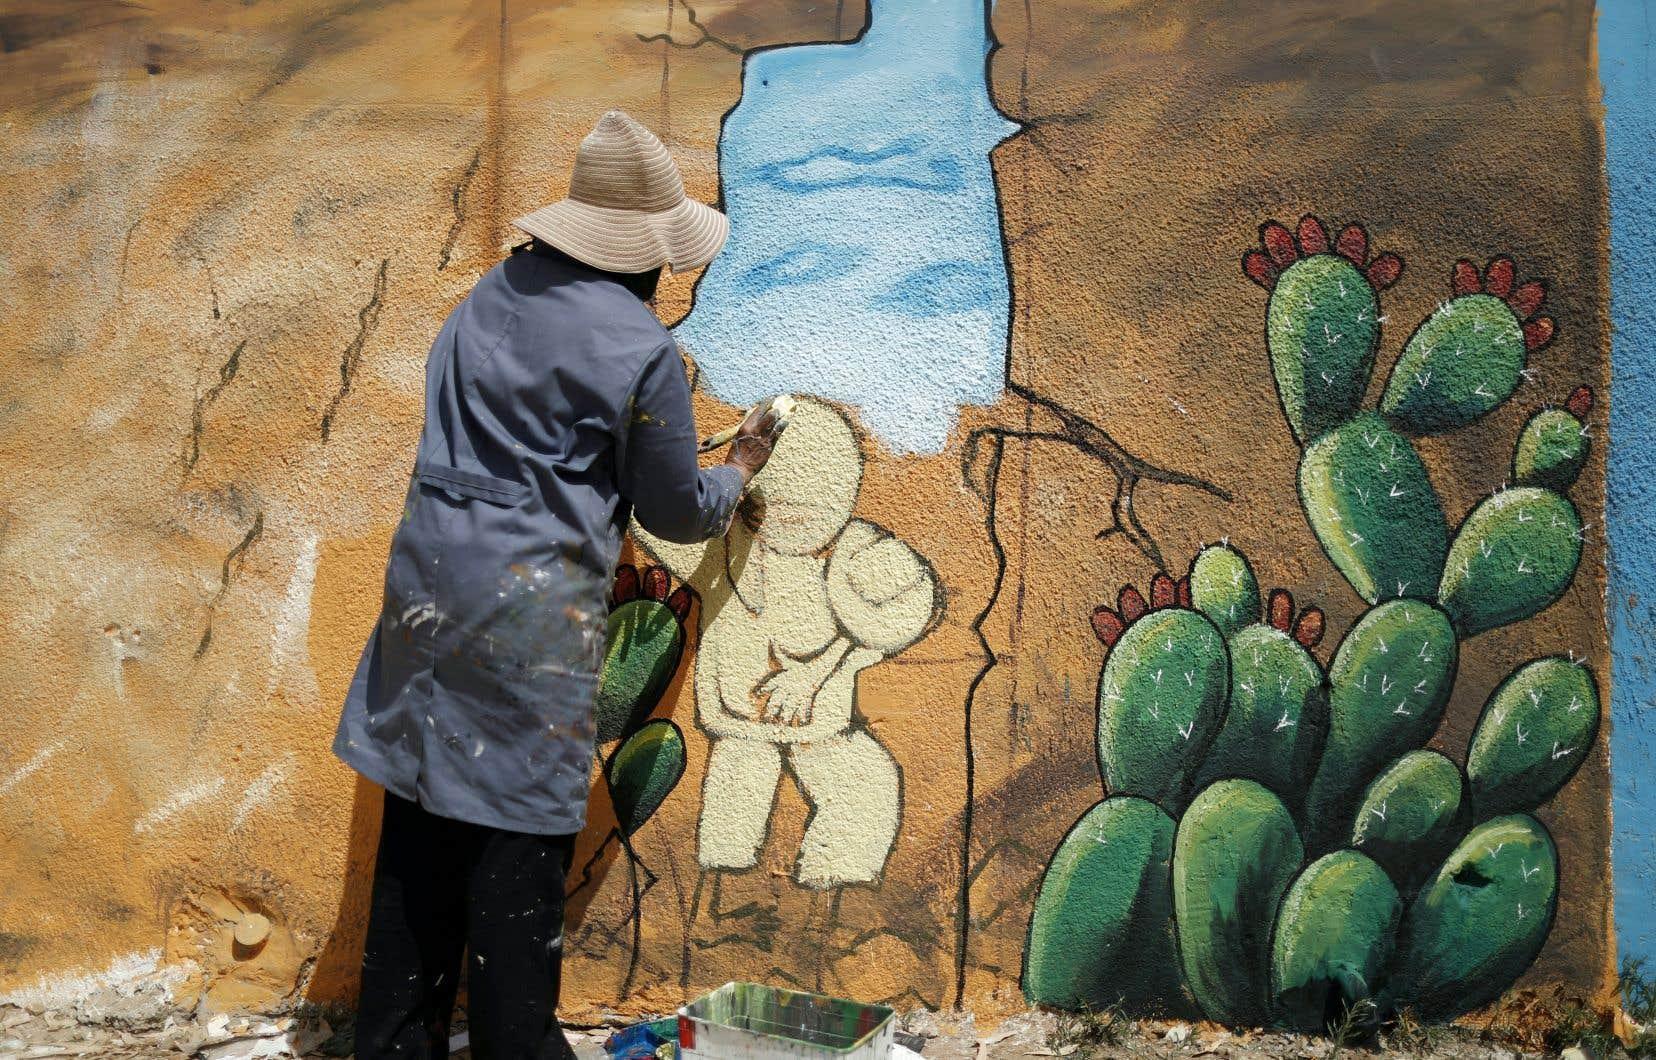 Un artiste palestinien réalise une murale sur le mur de l'école Beit Hanoun, gérée par les Nations unies, dans le nord de la bande de Gaza.